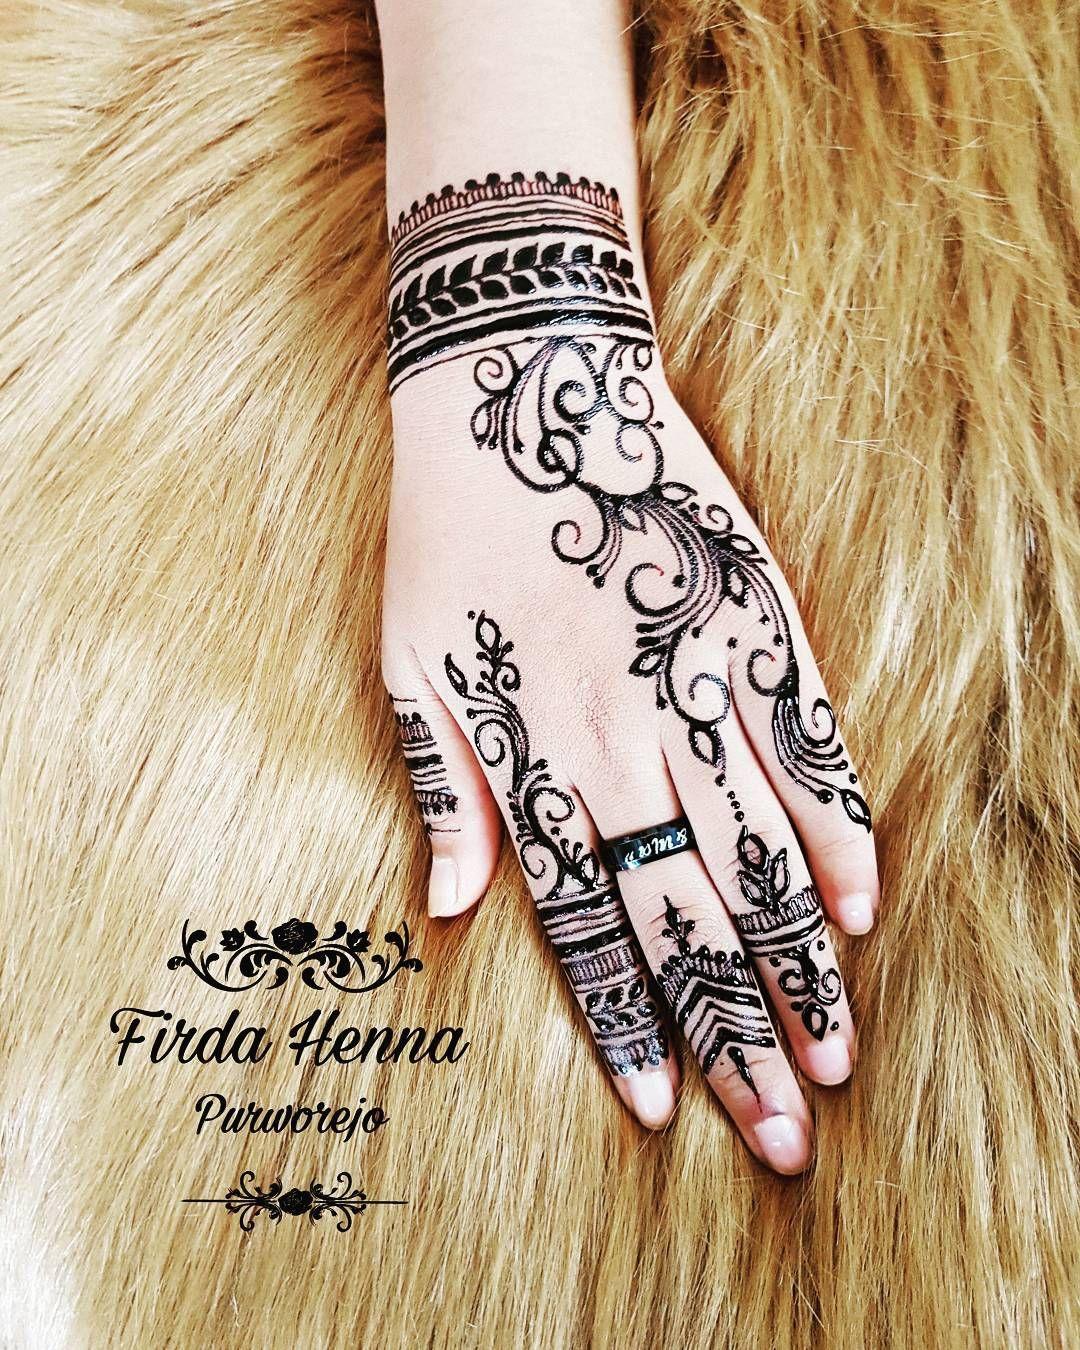 Simple firdahennapurworejo hennaclubpurworejo henna